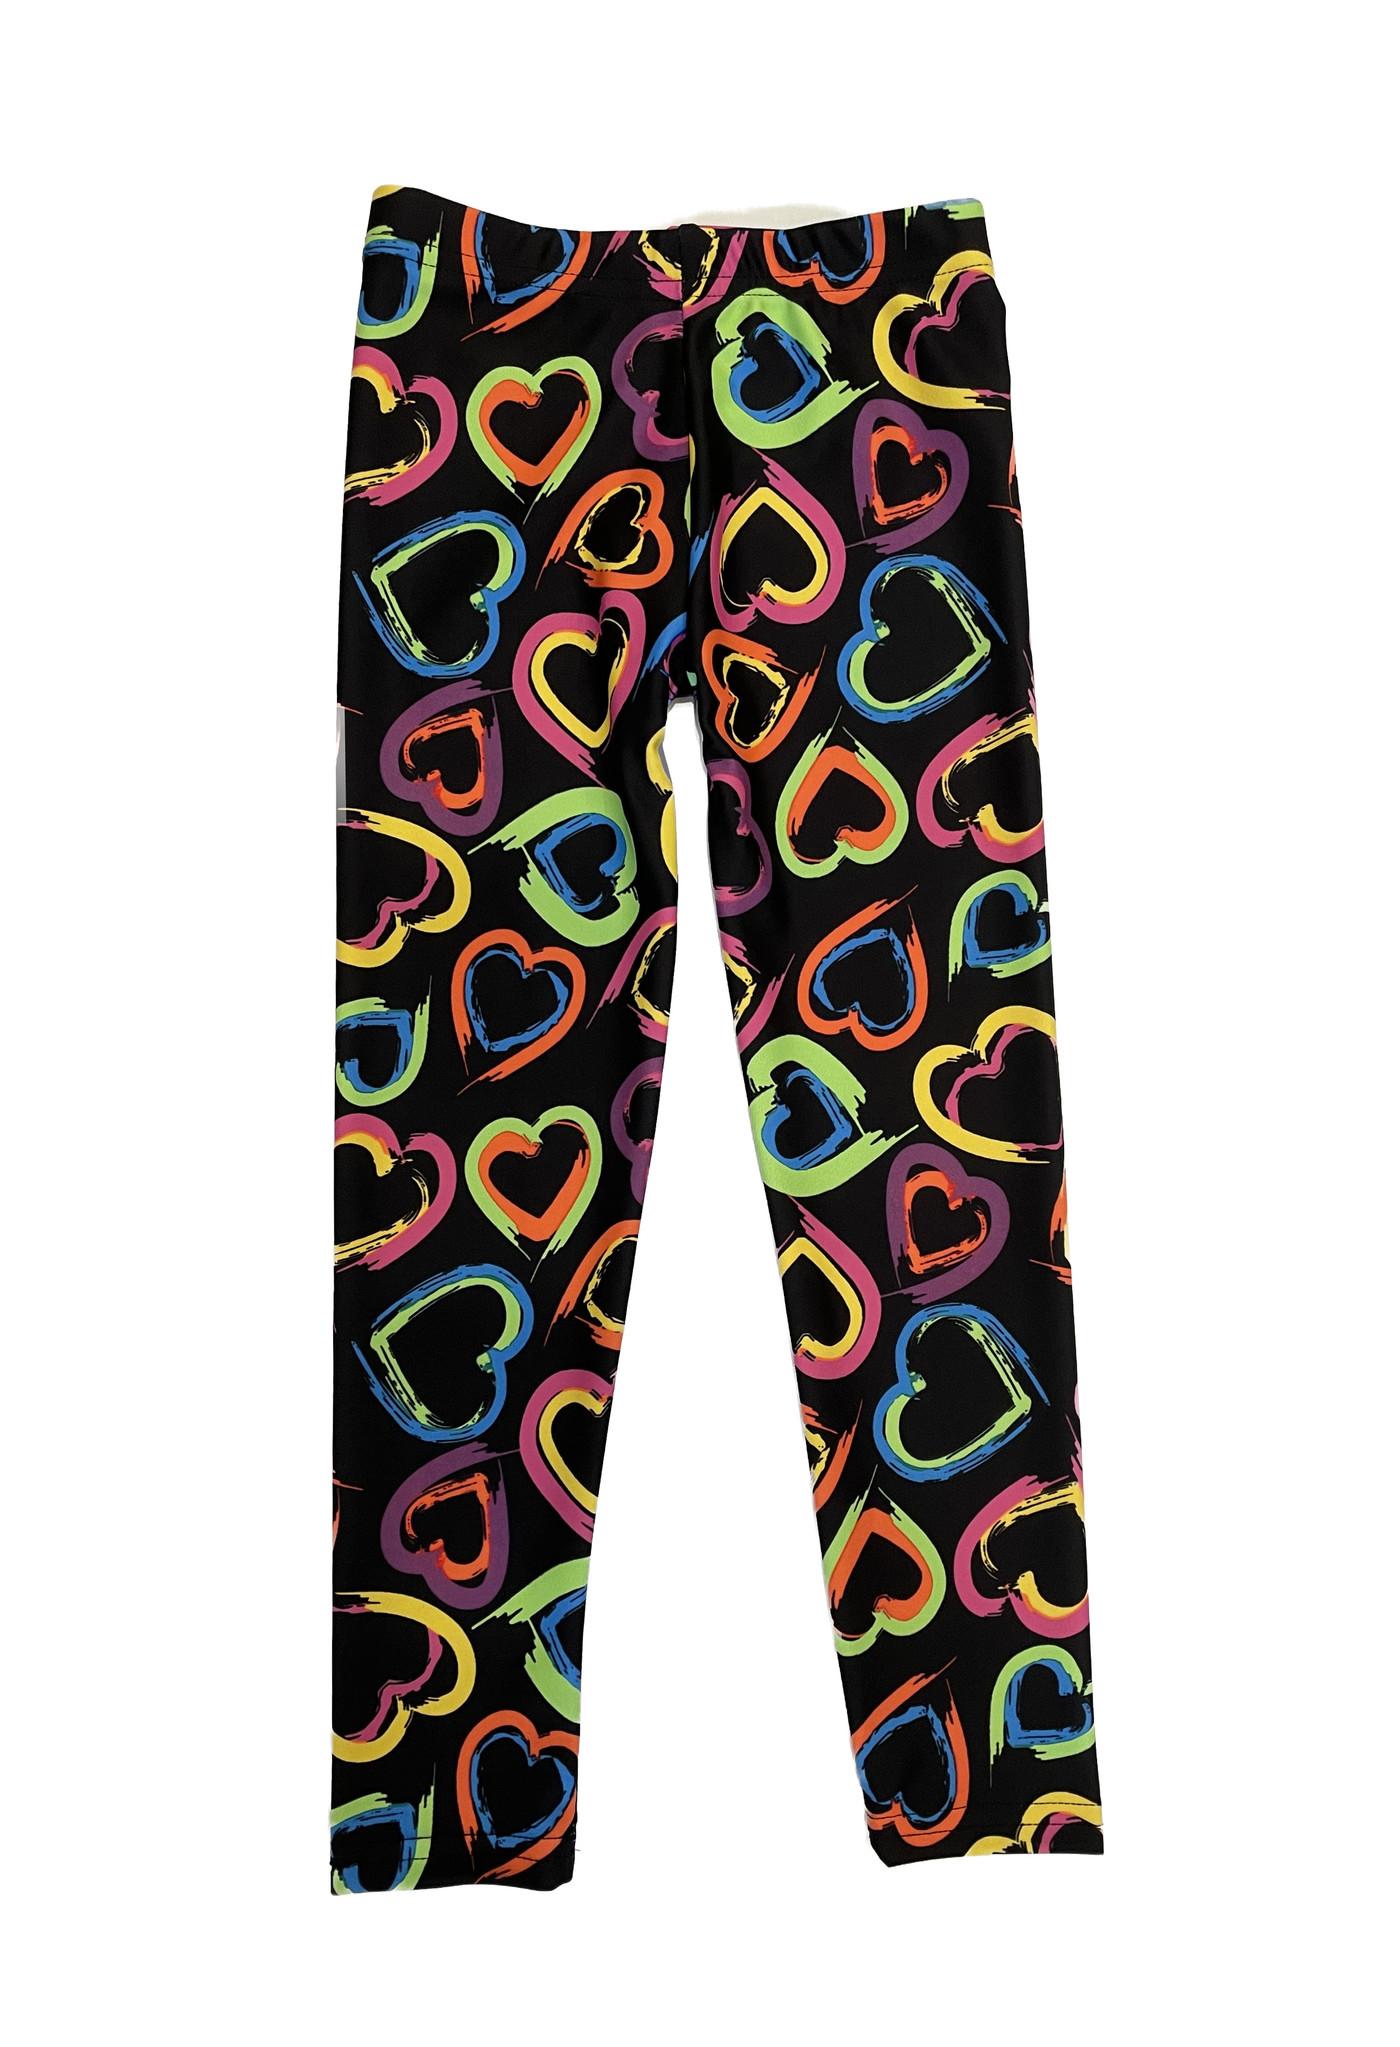 Dori Creations Neon Hearts Legging